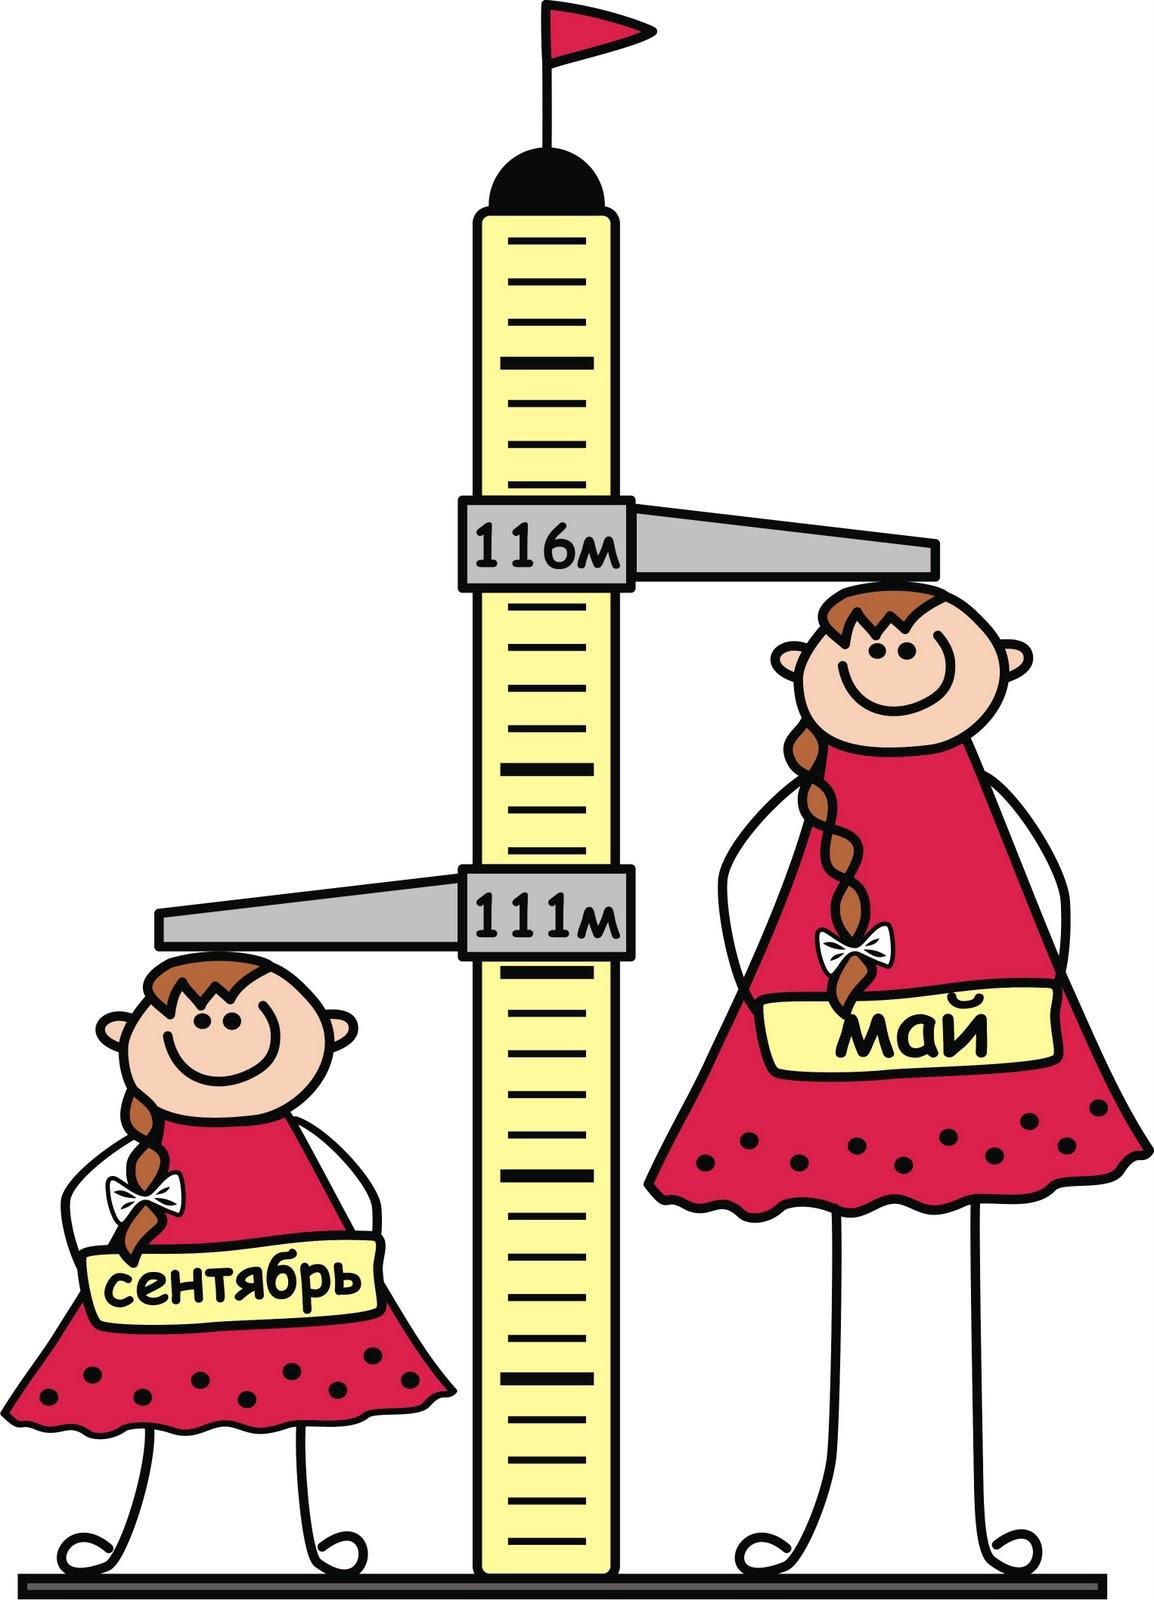 Как оценить развитие ребенка? Физическое развитие детей. Нормы развития.